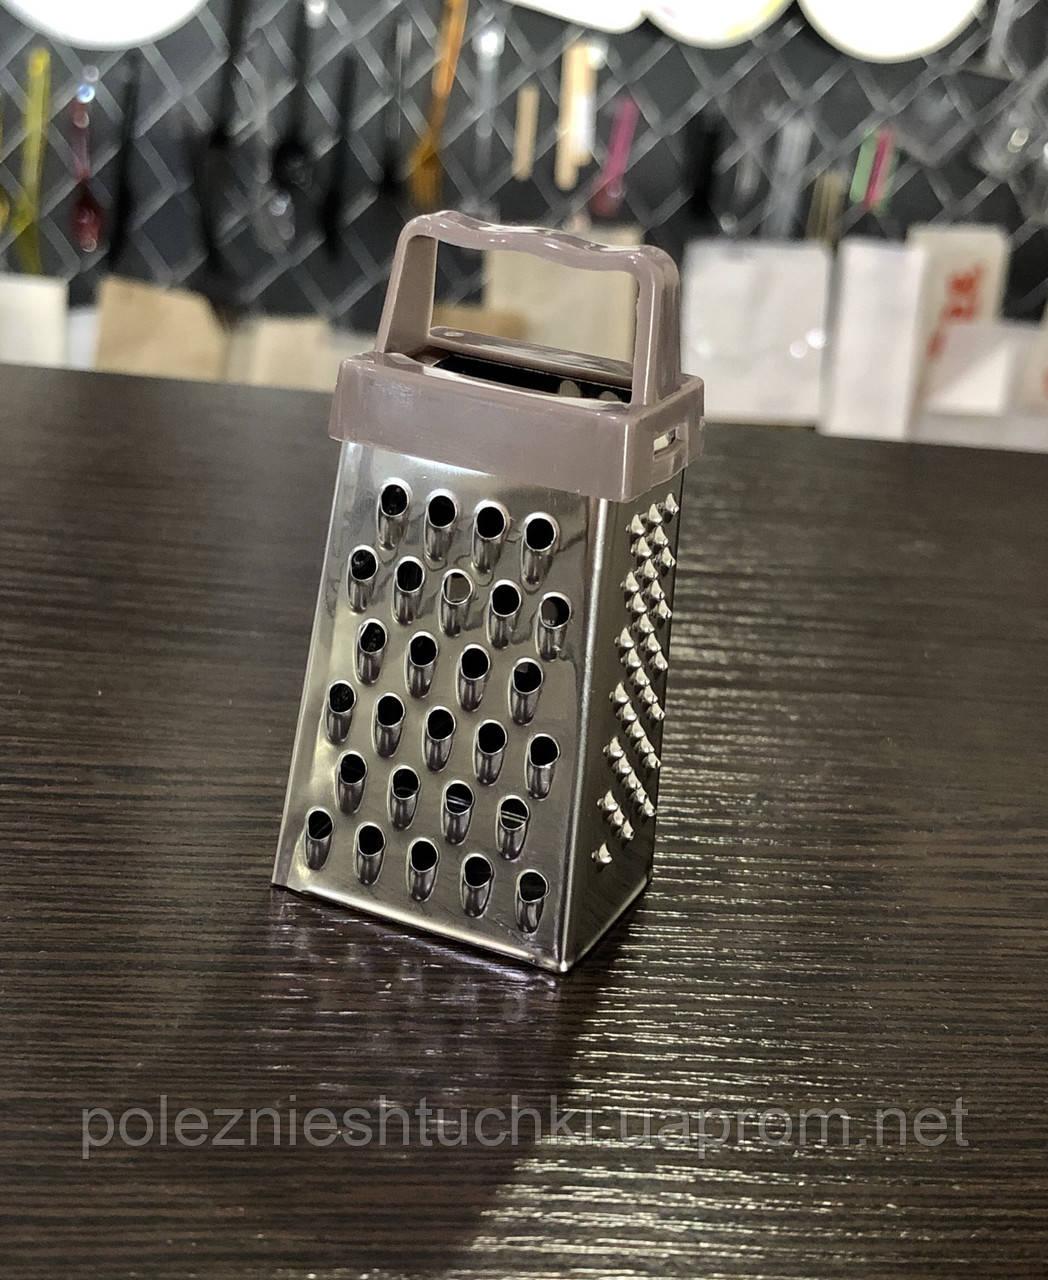 Мини-Терка 7,5х3,5х2,8 см., 4-х гранная